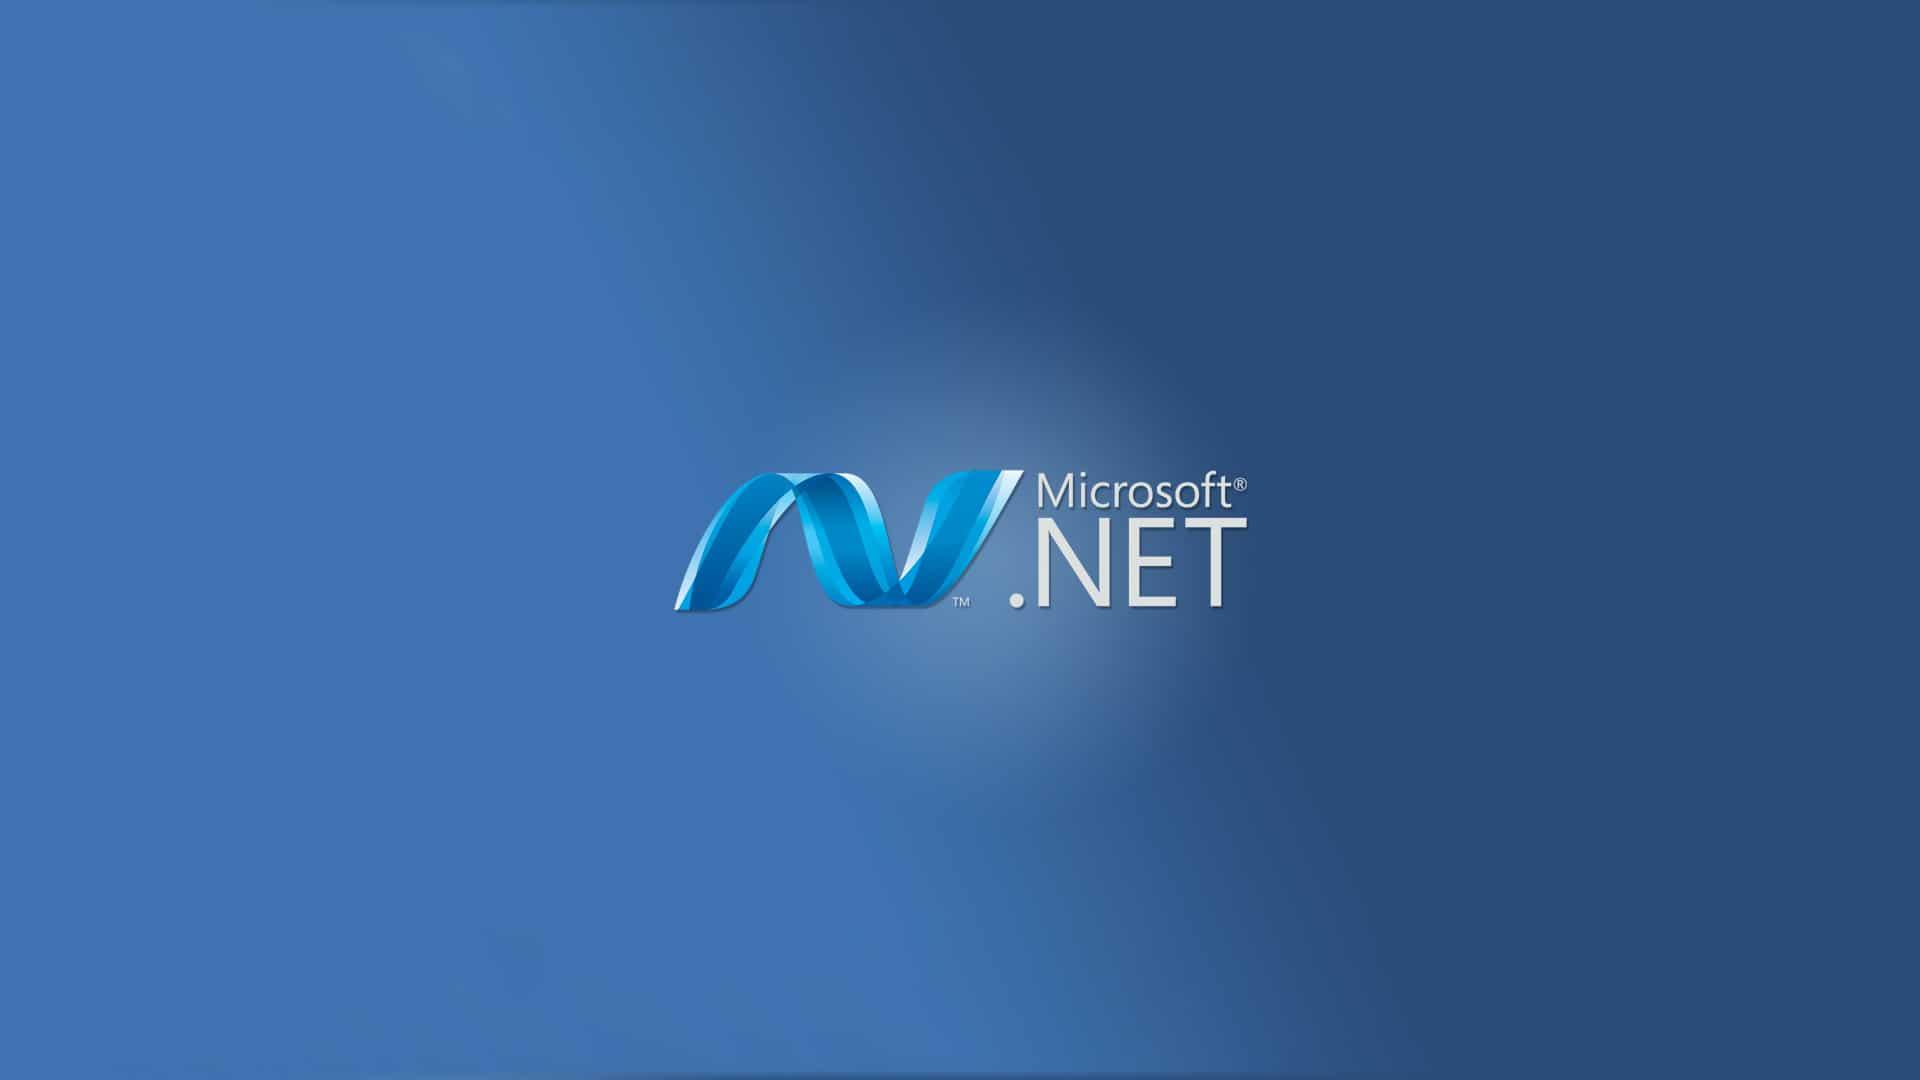 Deploy NET Framework 40 Using SCCM 2012 R2